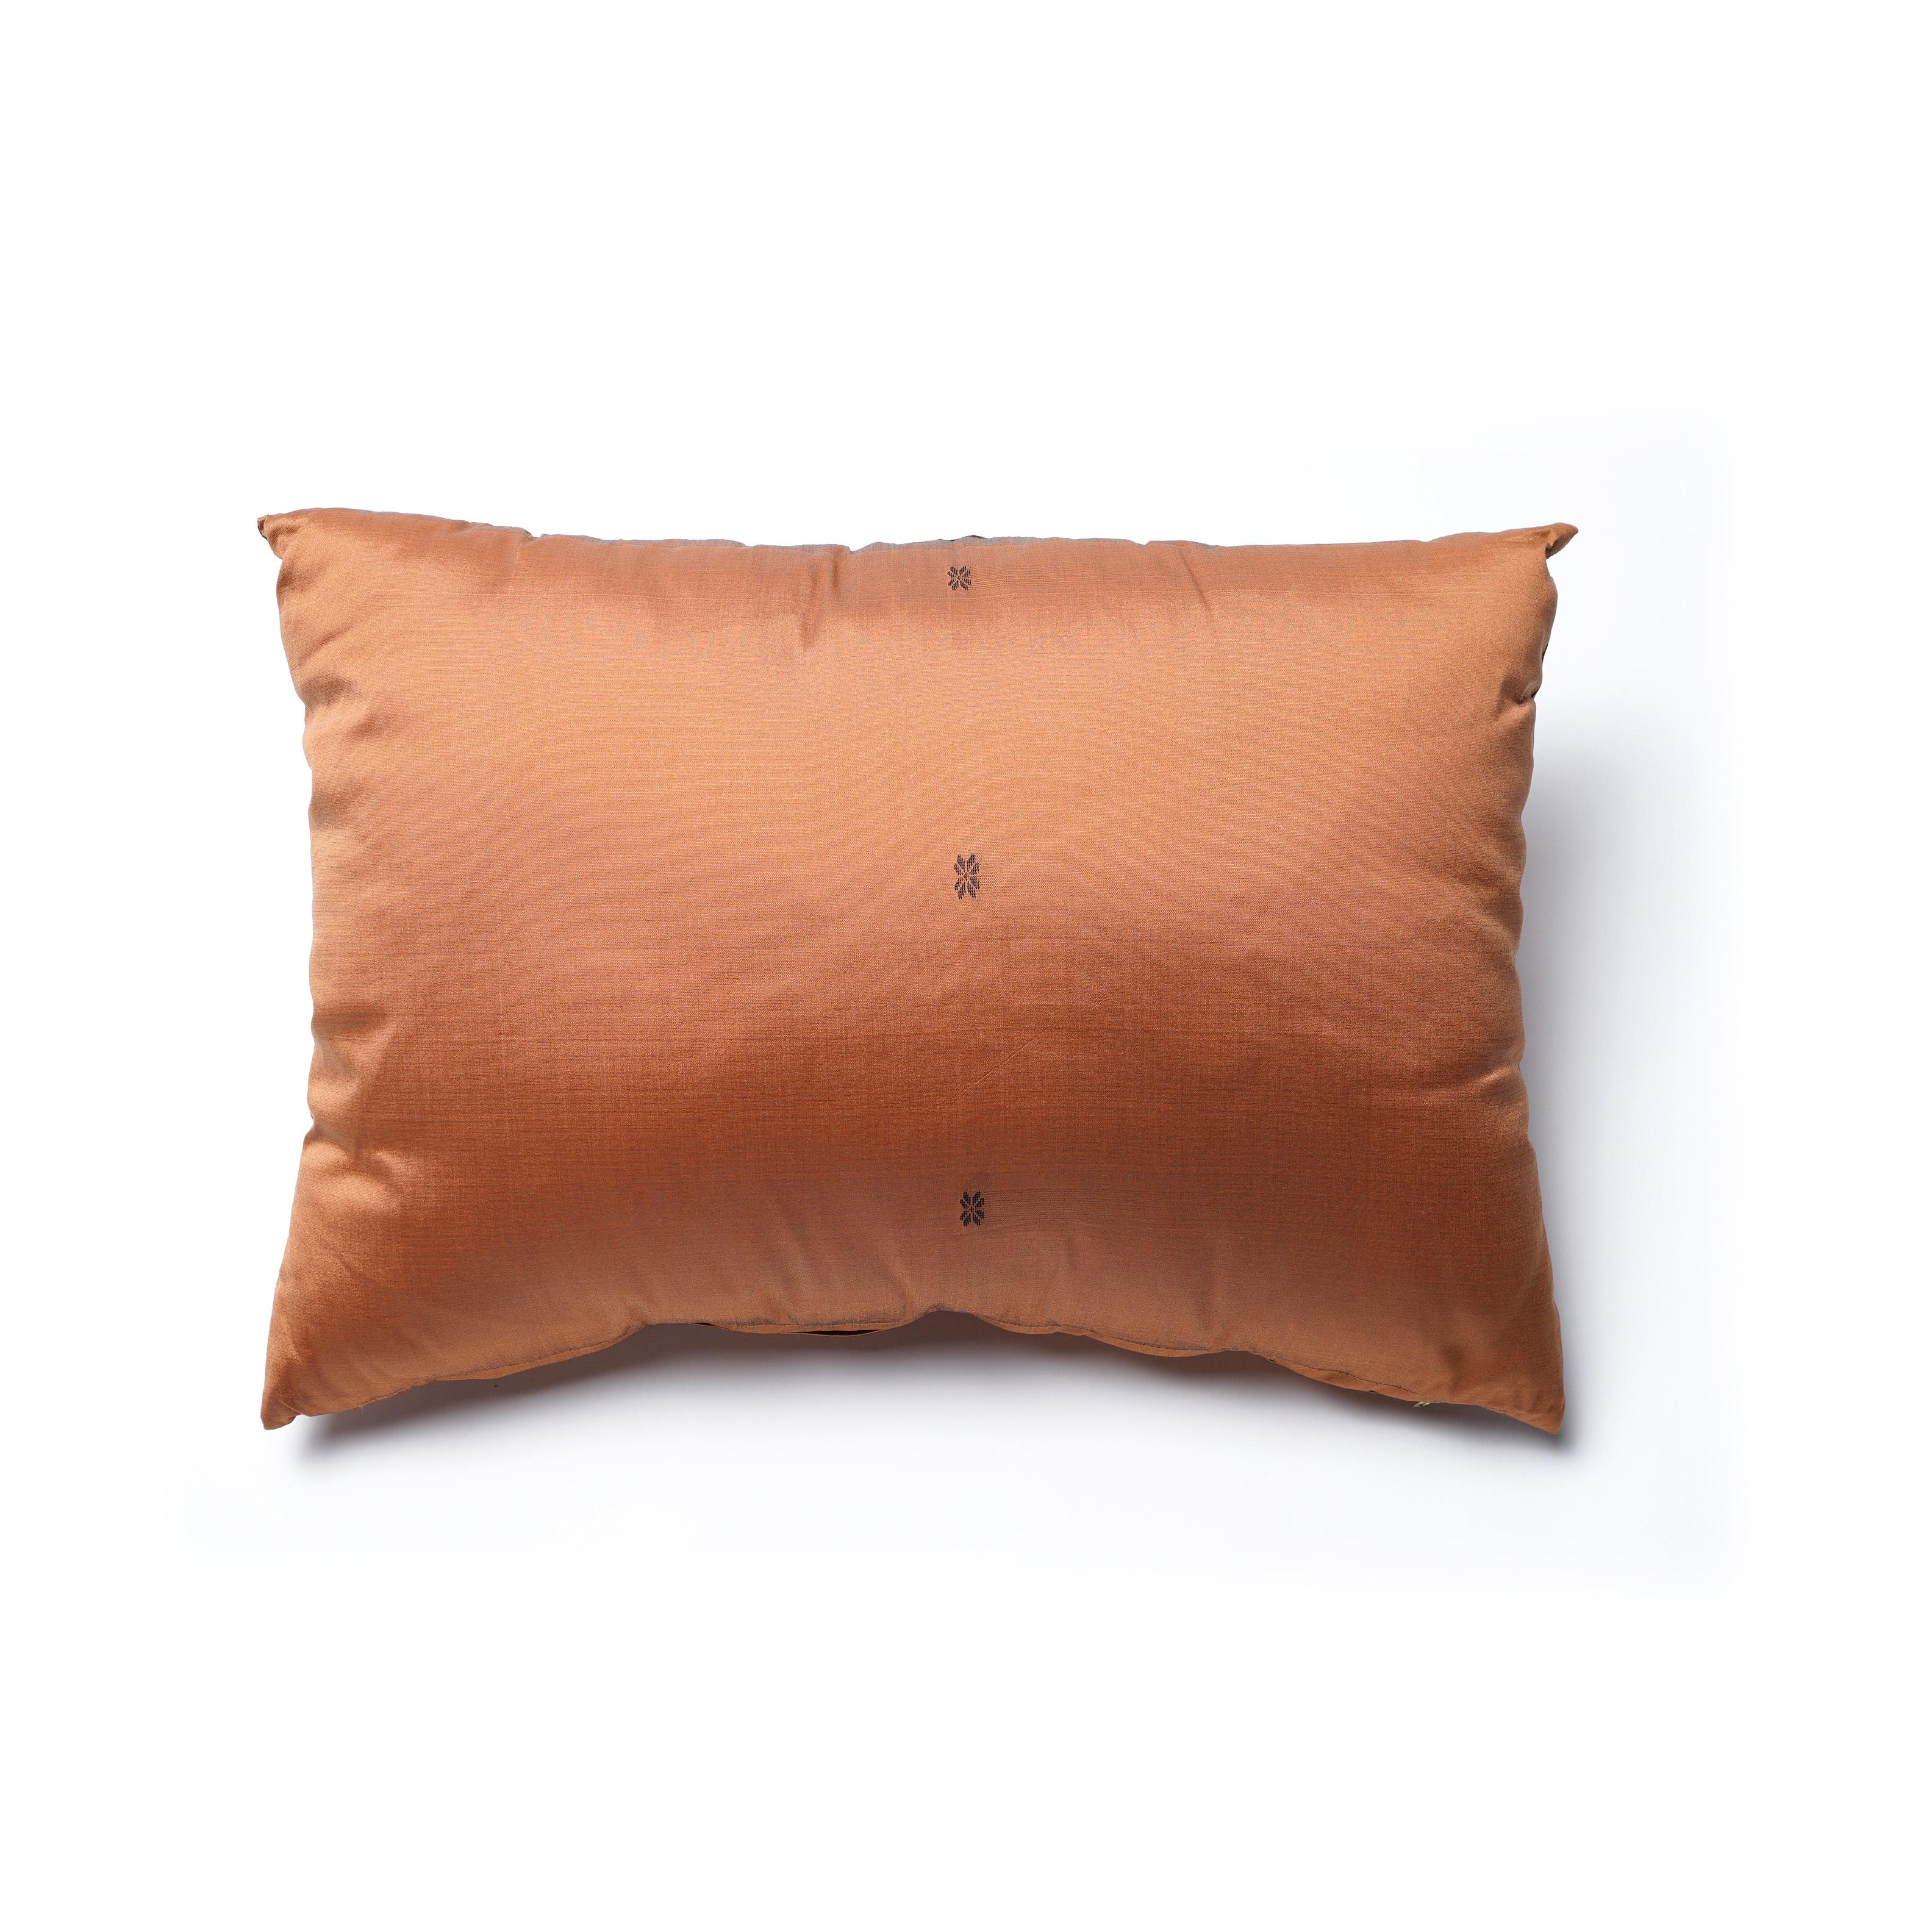 Almohadón de seda y sintético, cobre con dibujo negro